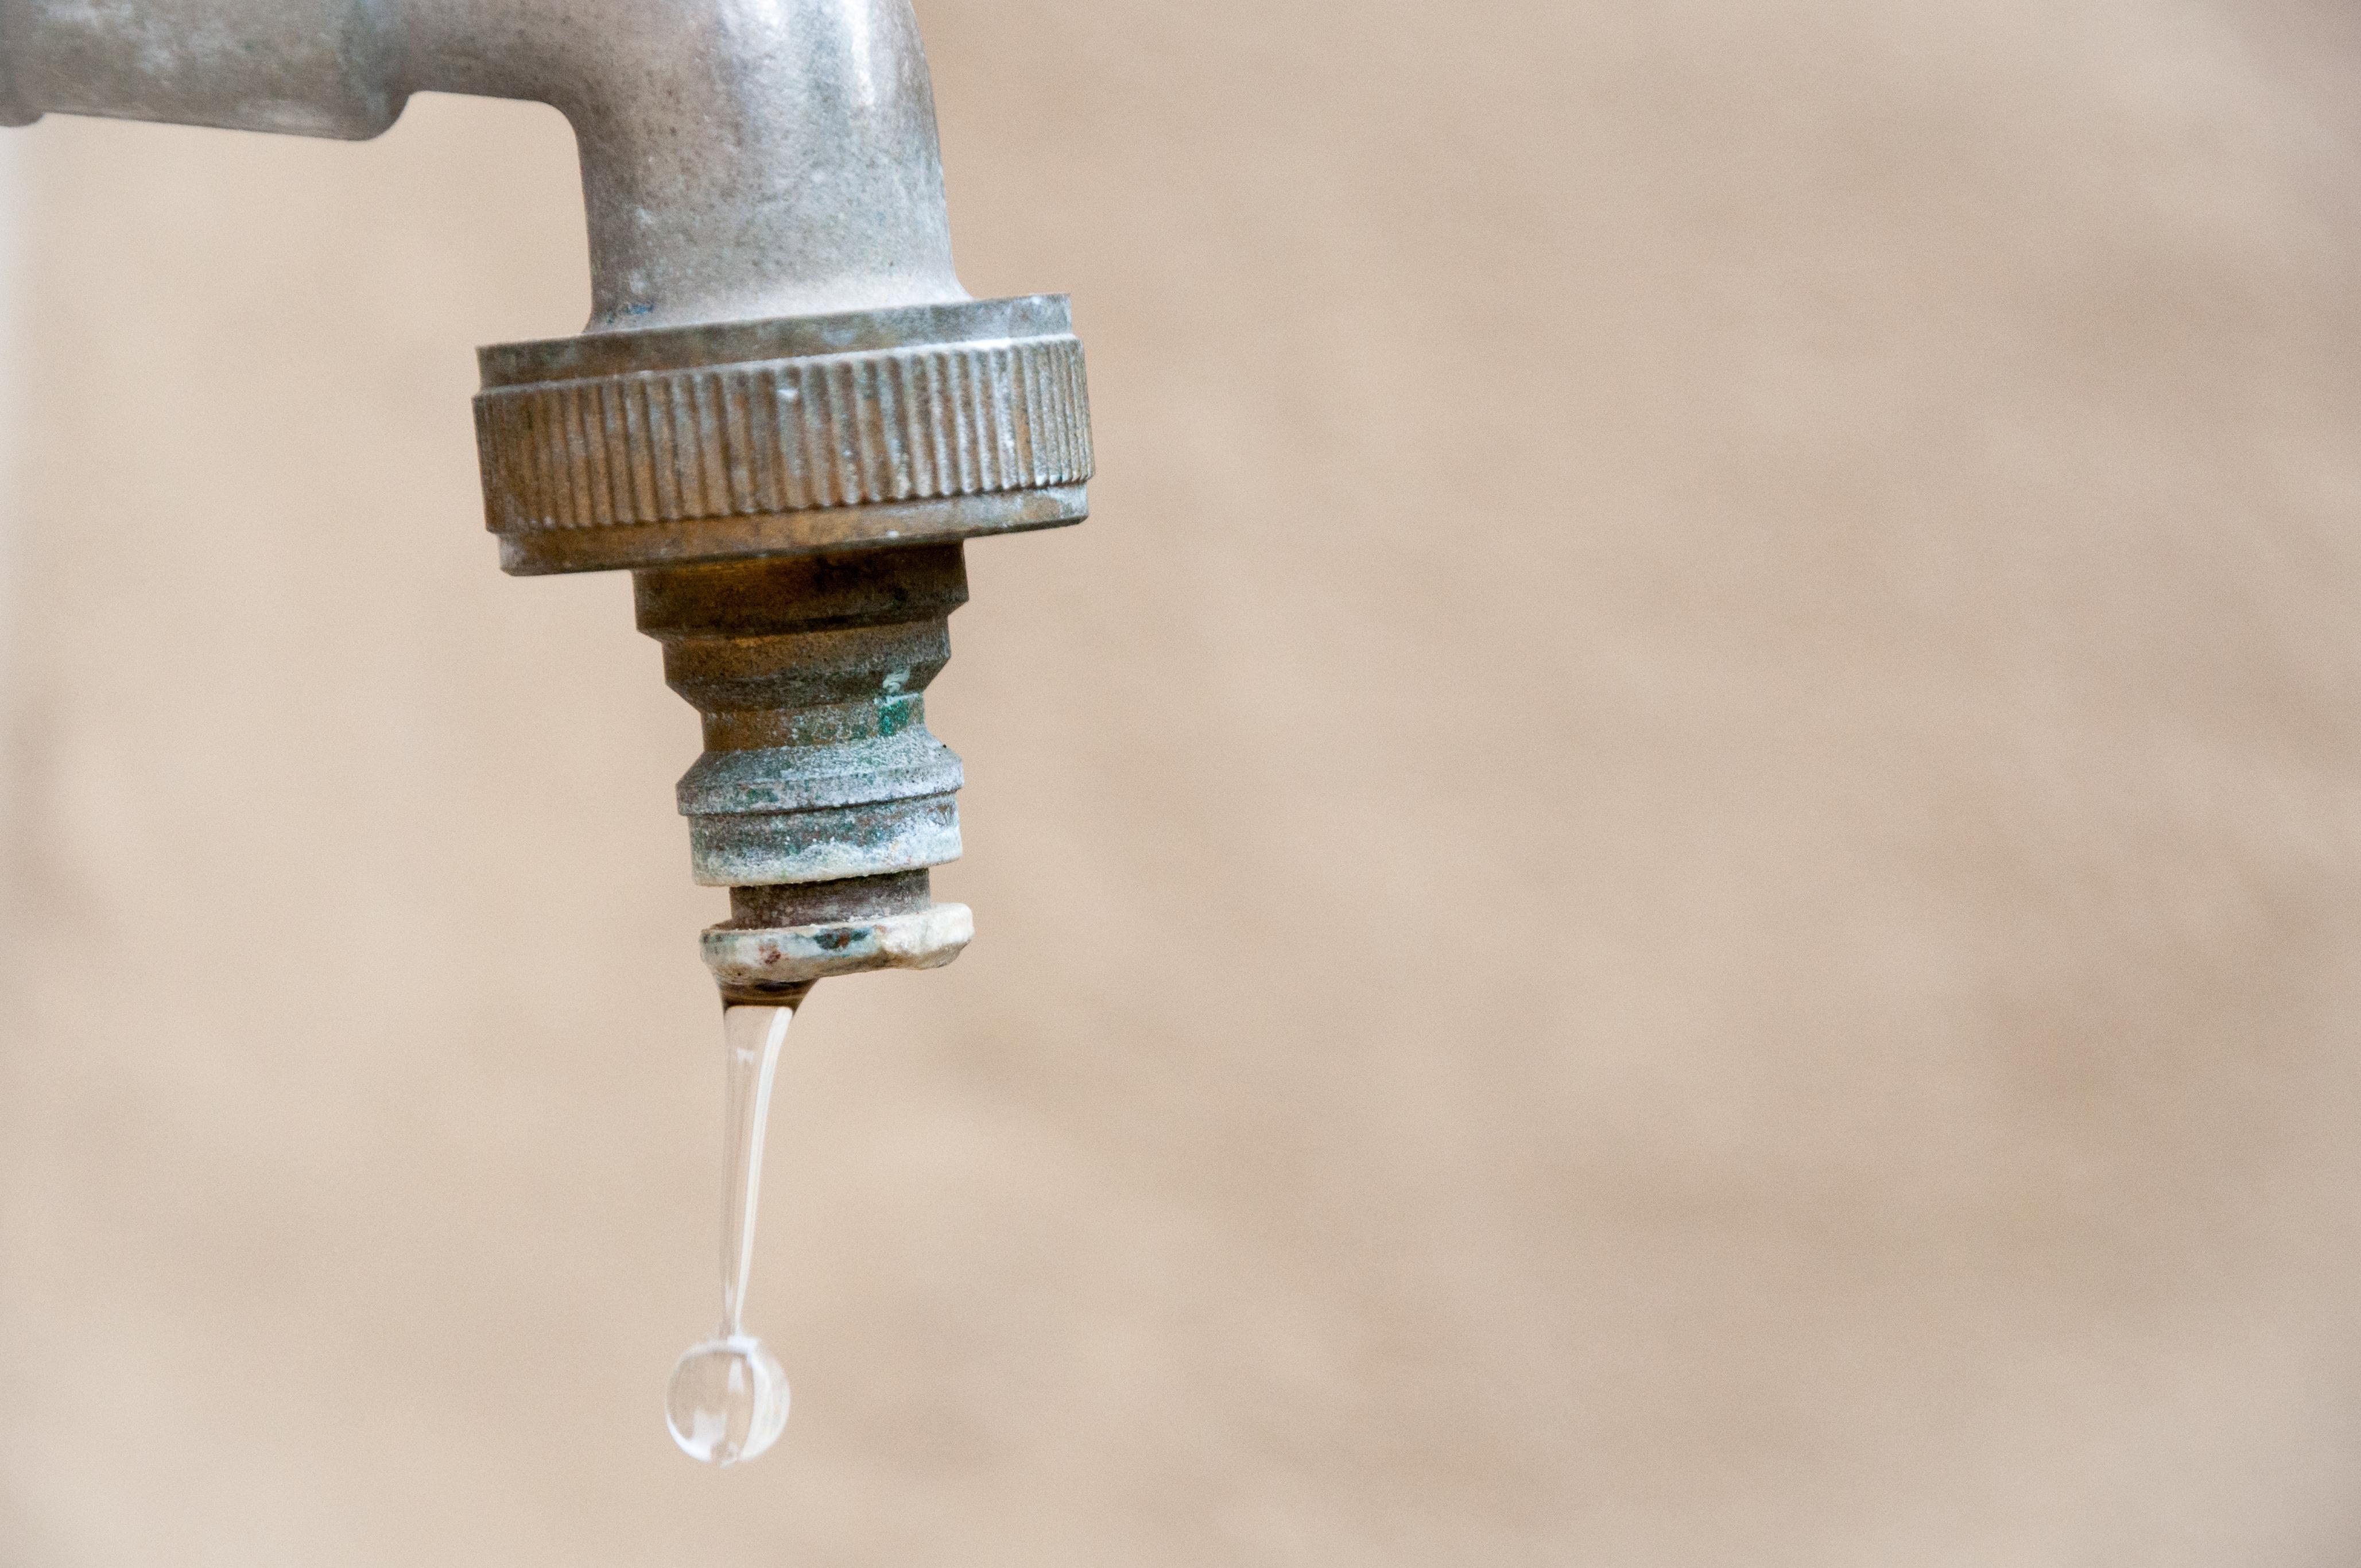 Eau en Guadeloupe :  Une structure unique de l'eau pour septembre 2021, a indiqué Sébastien Lecornu